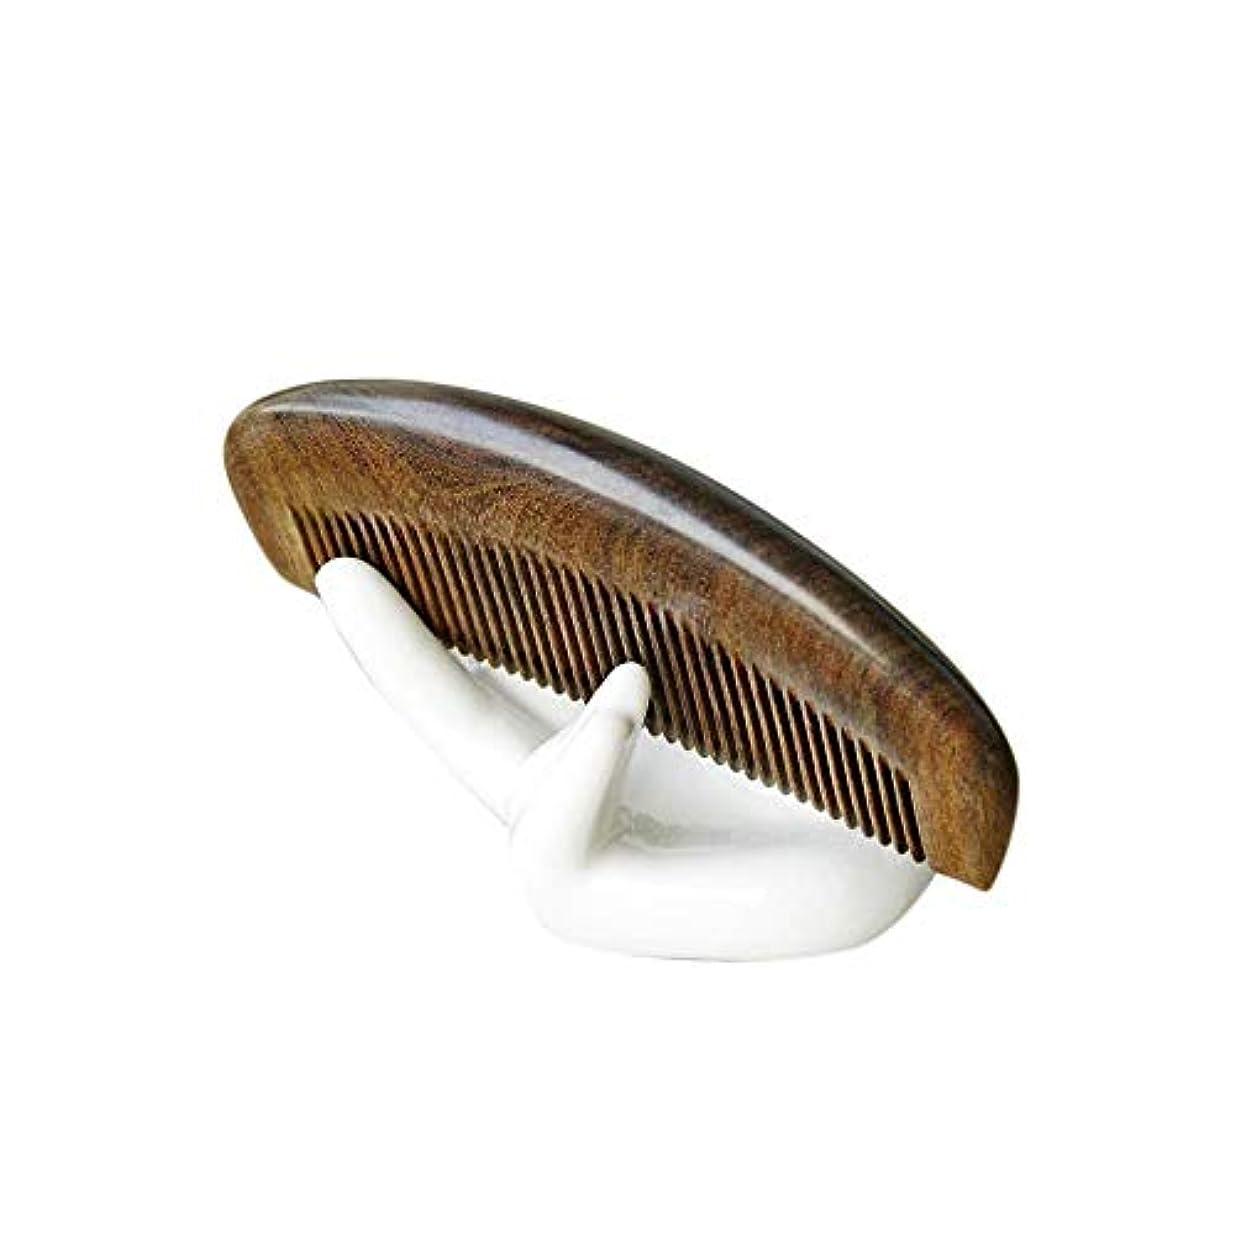 闘争関連付けるコンドームFashianナチュラルサンダルウッドコーム - 手作りの木製ハーフムーンの形ワイド歯カーリーヘアくし ヘアケア (色 : Photo color)